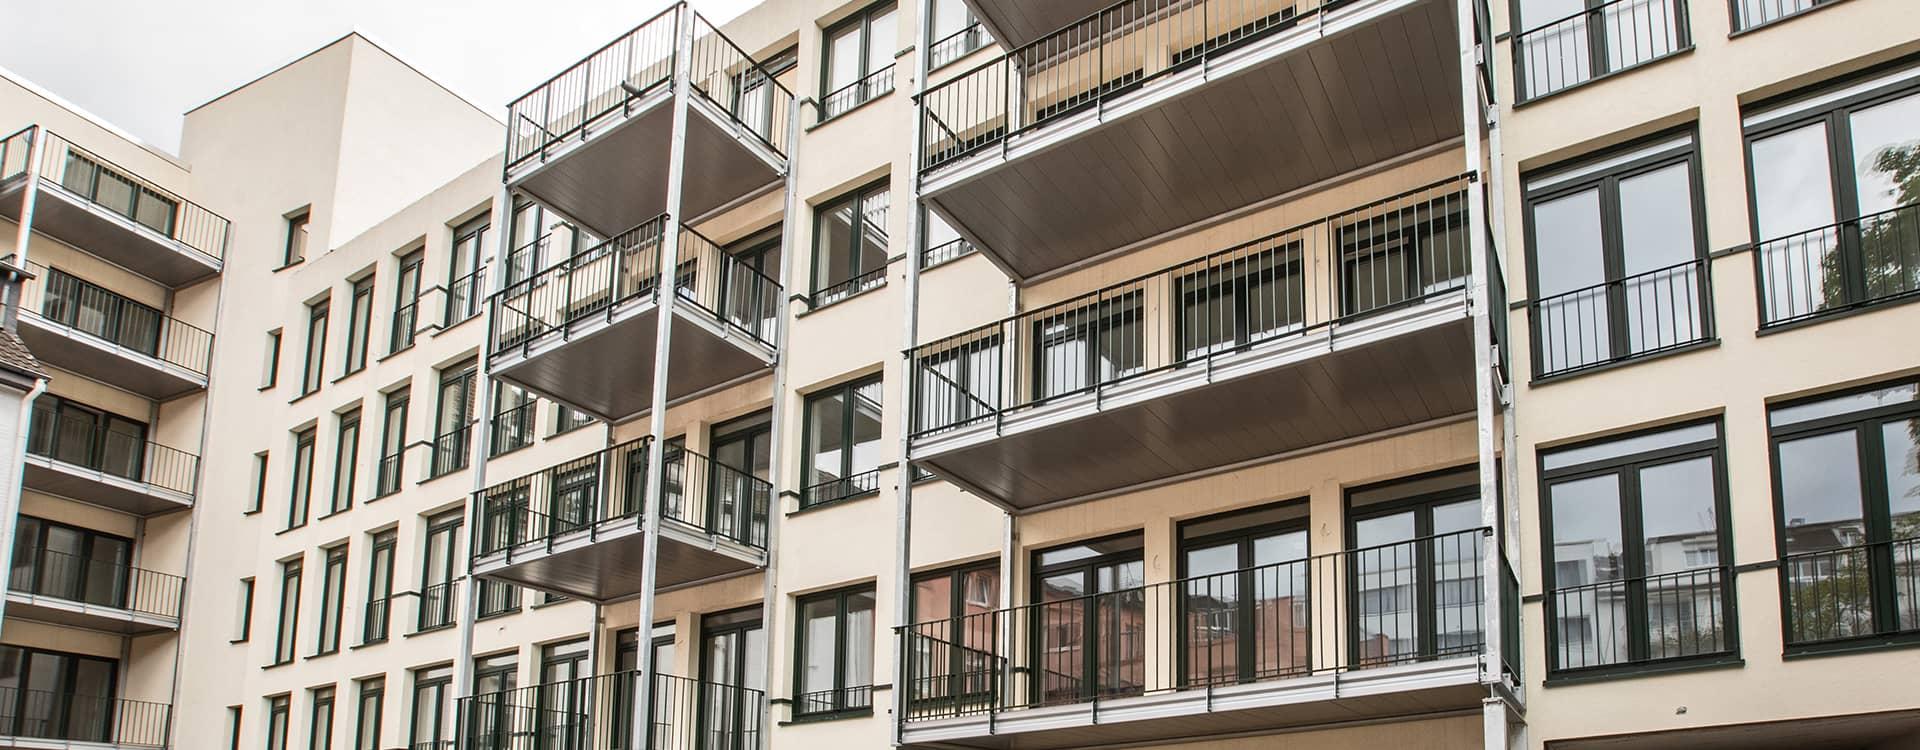 balkonanlage von ck immobilien